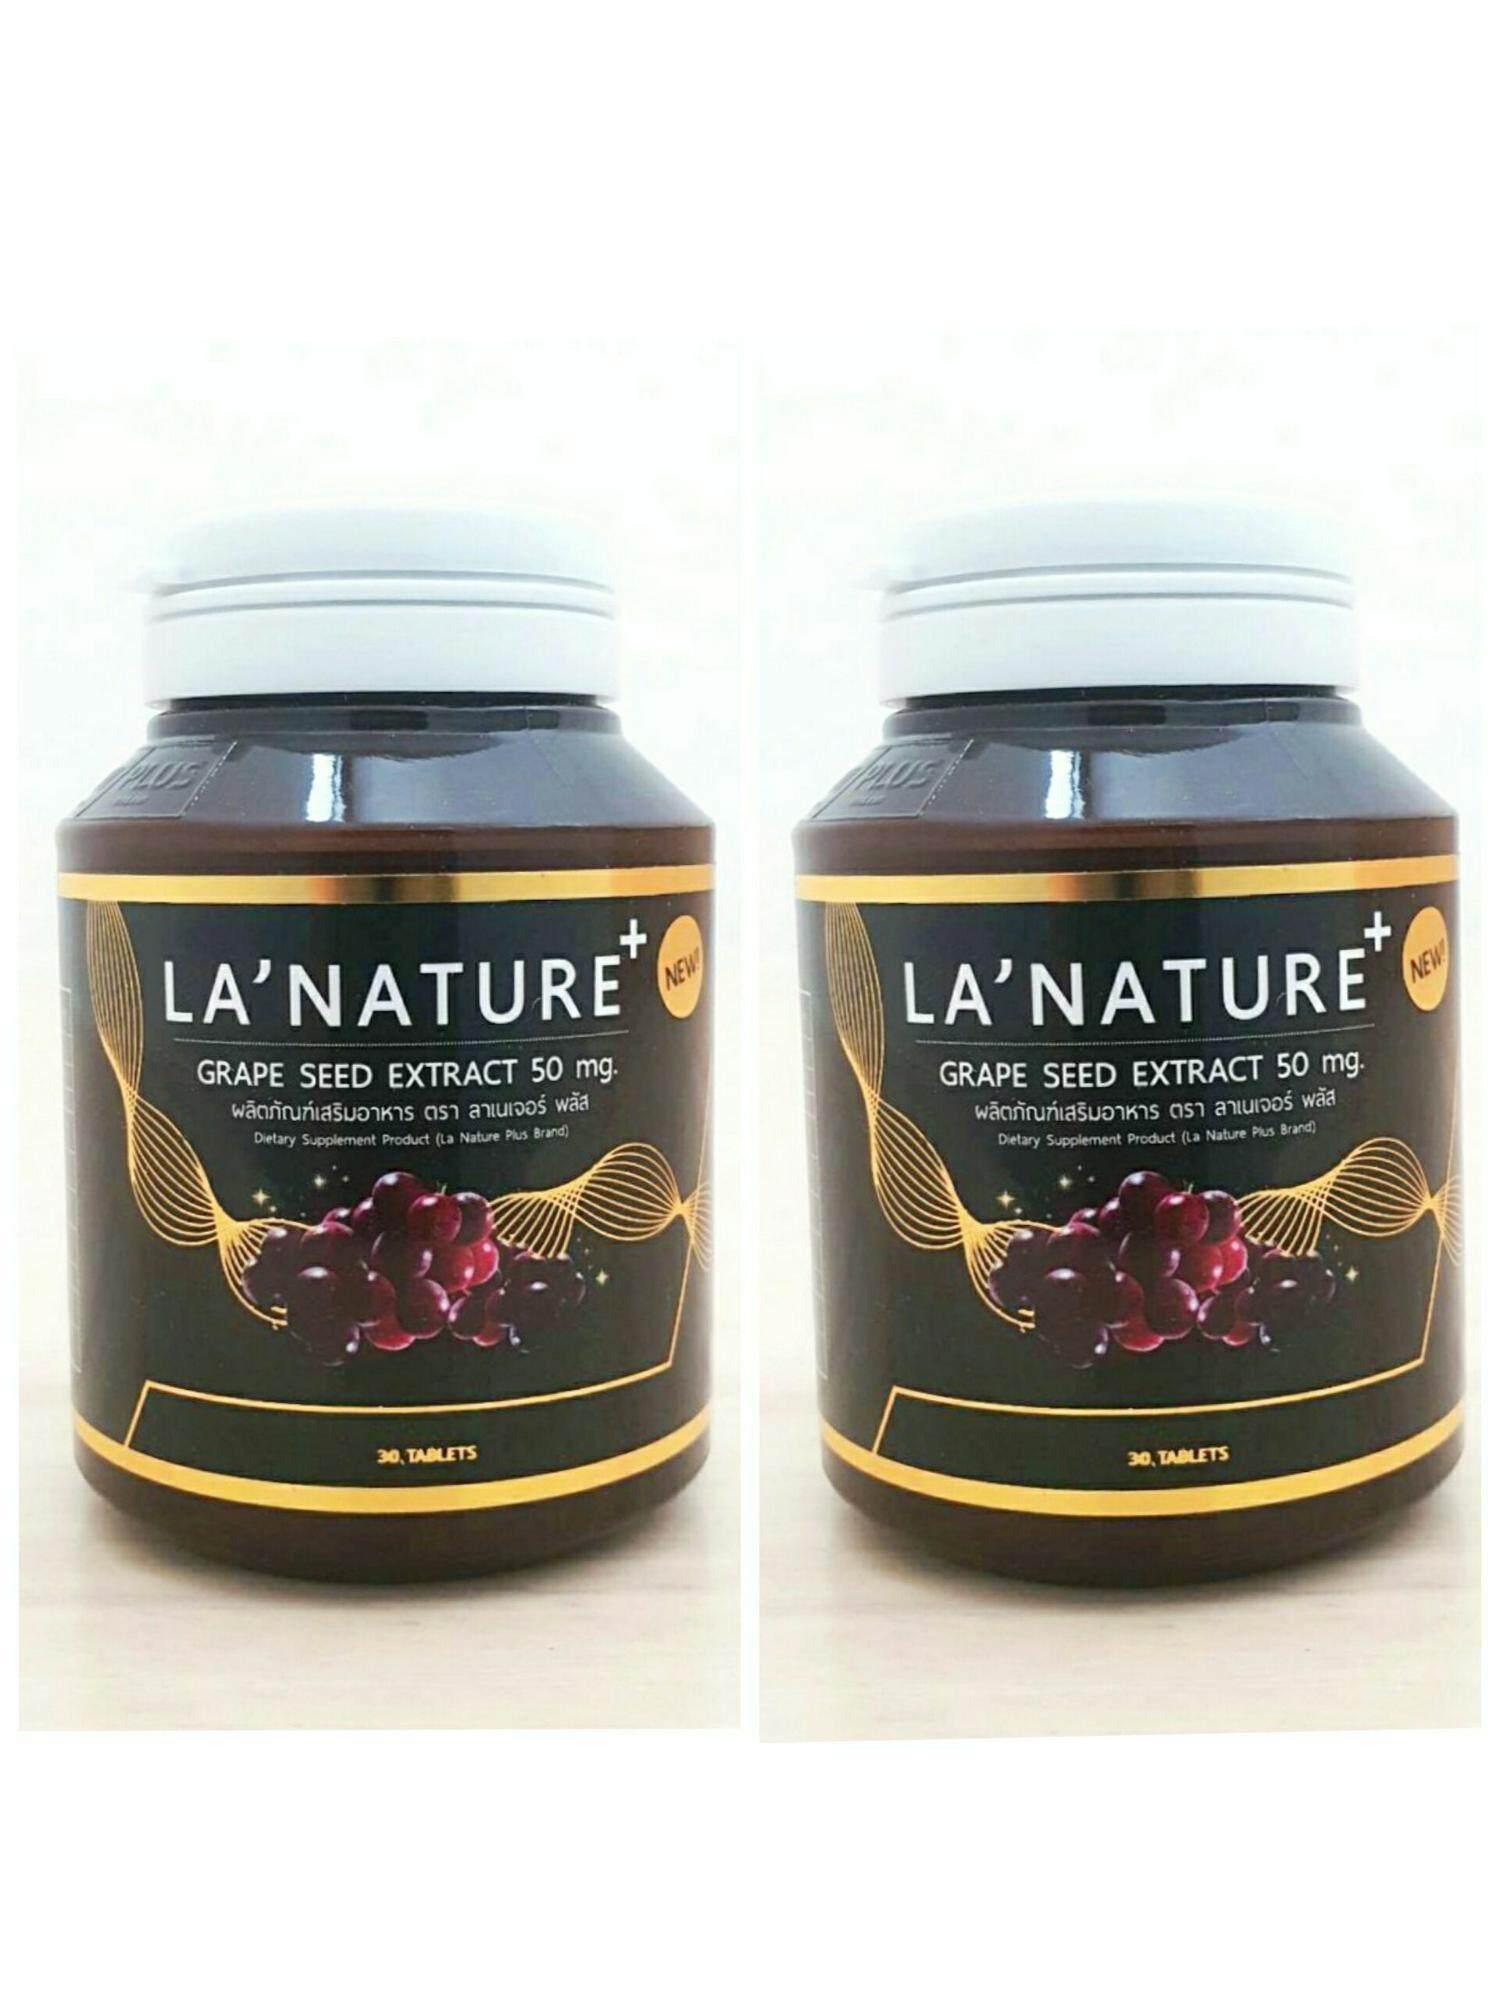 Lanature Grape Seed ลาเนเจอร์ สารสกัดจากเมล็ดองุ่น แพคเกจใหม่ บรรจุ 30 เม็ด (2 กระปุก)